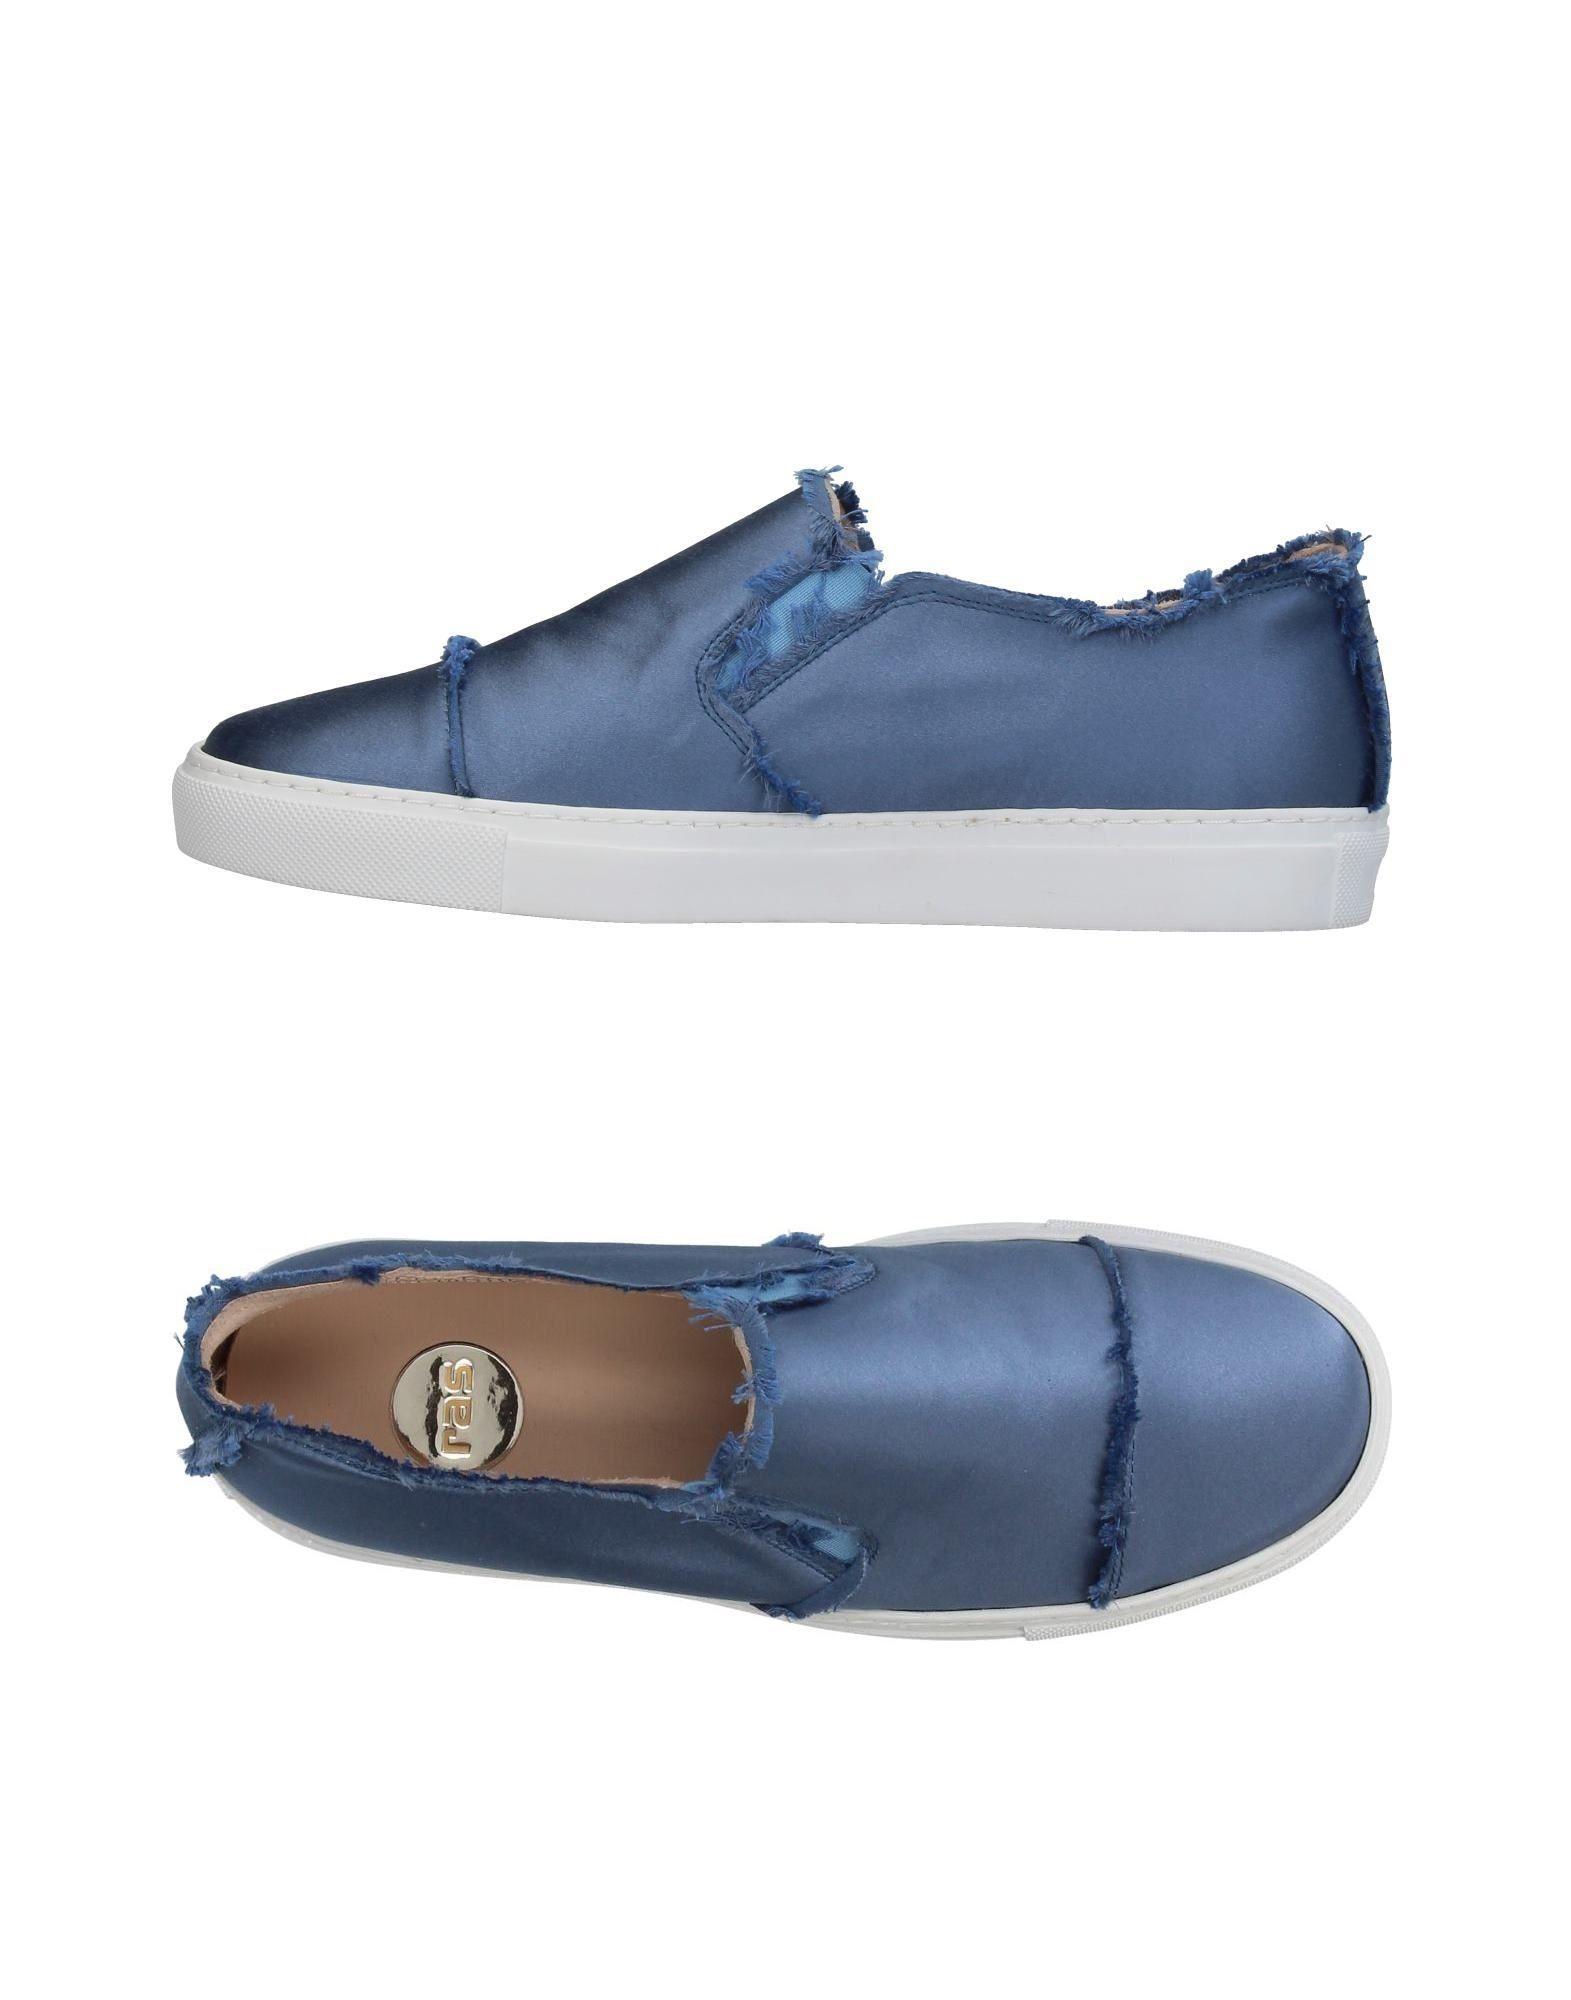 Ras Sneakers Damen  11408556OH Gute Qualität beliebte Schuhe